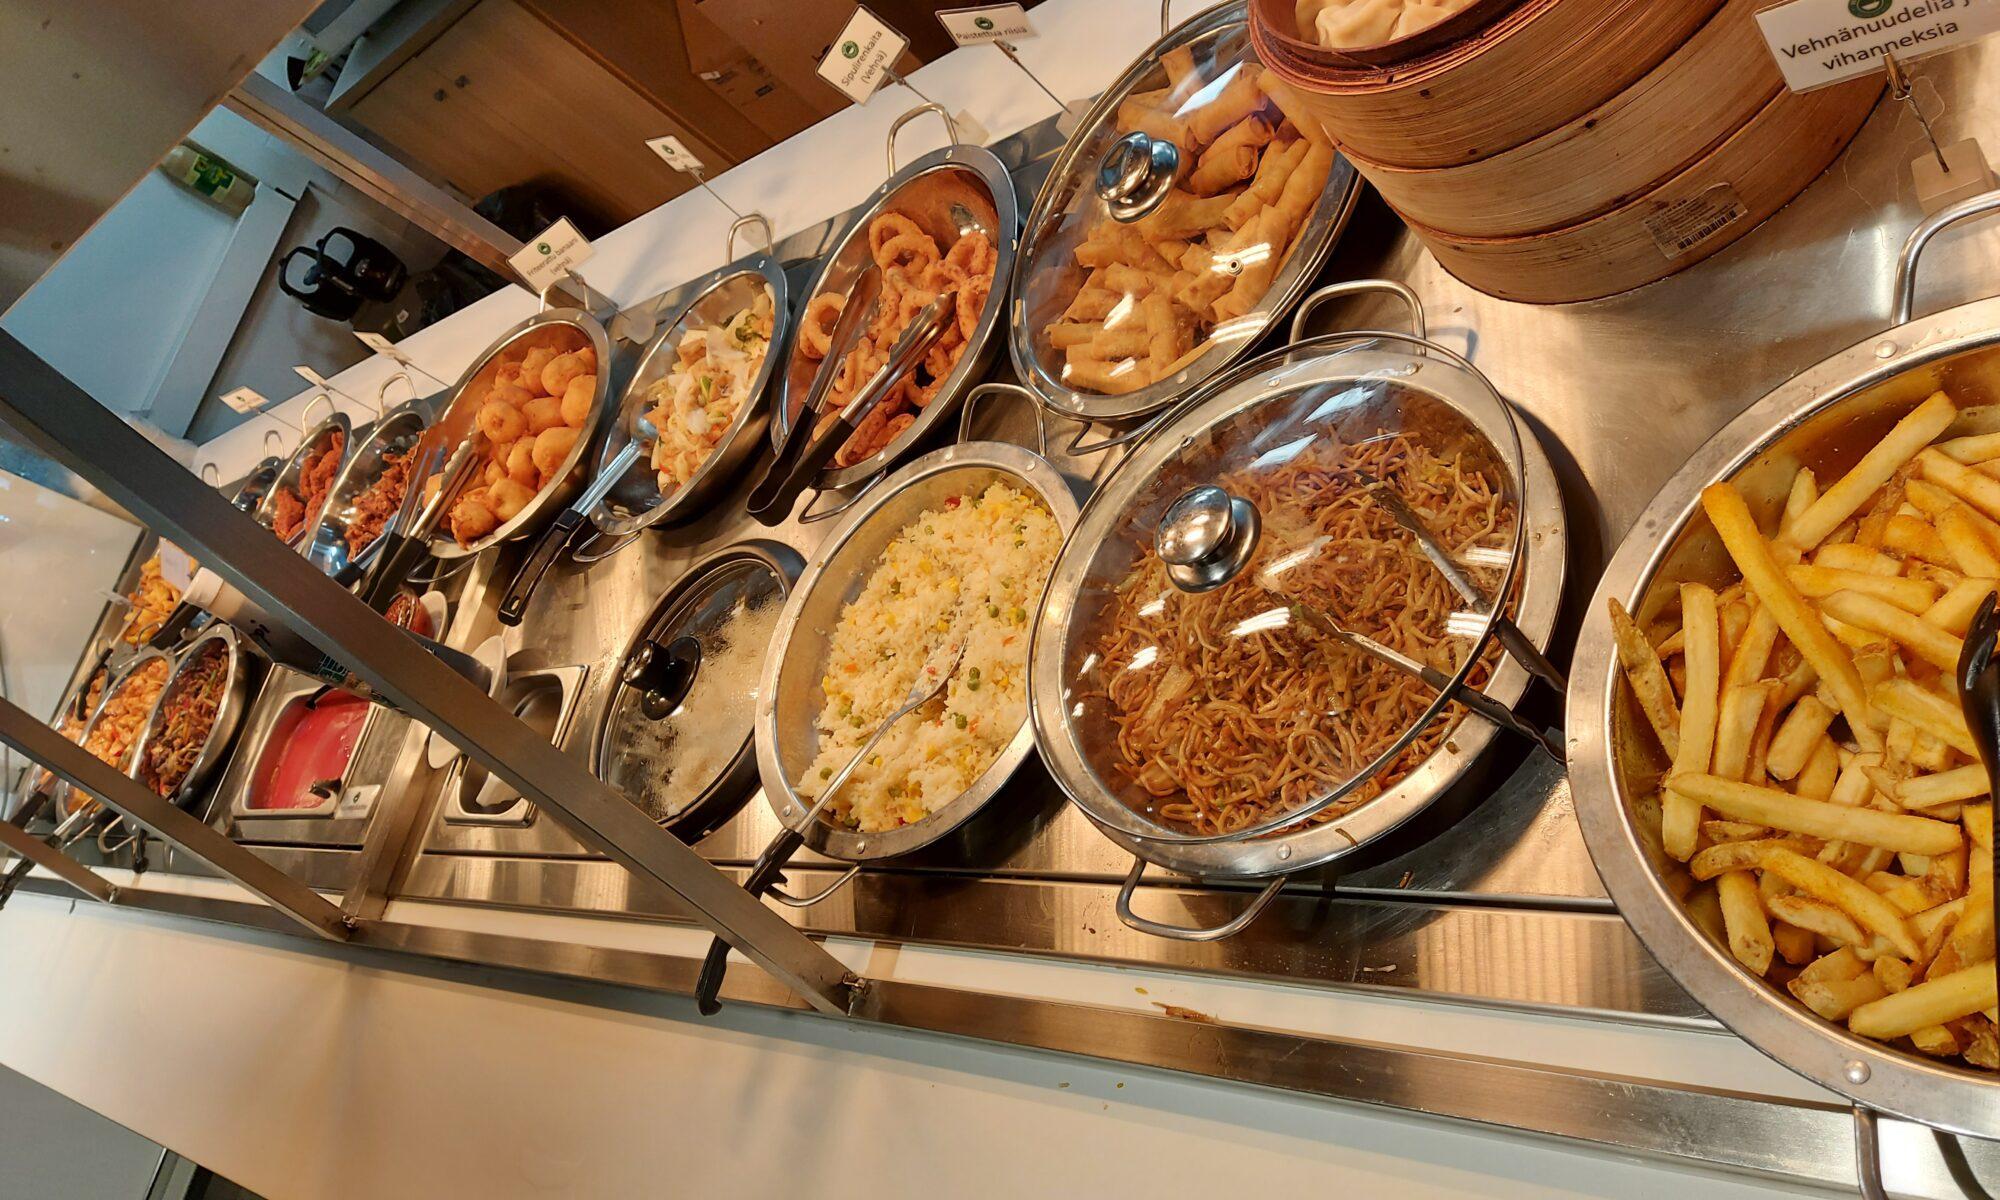 Grand warm food buffet